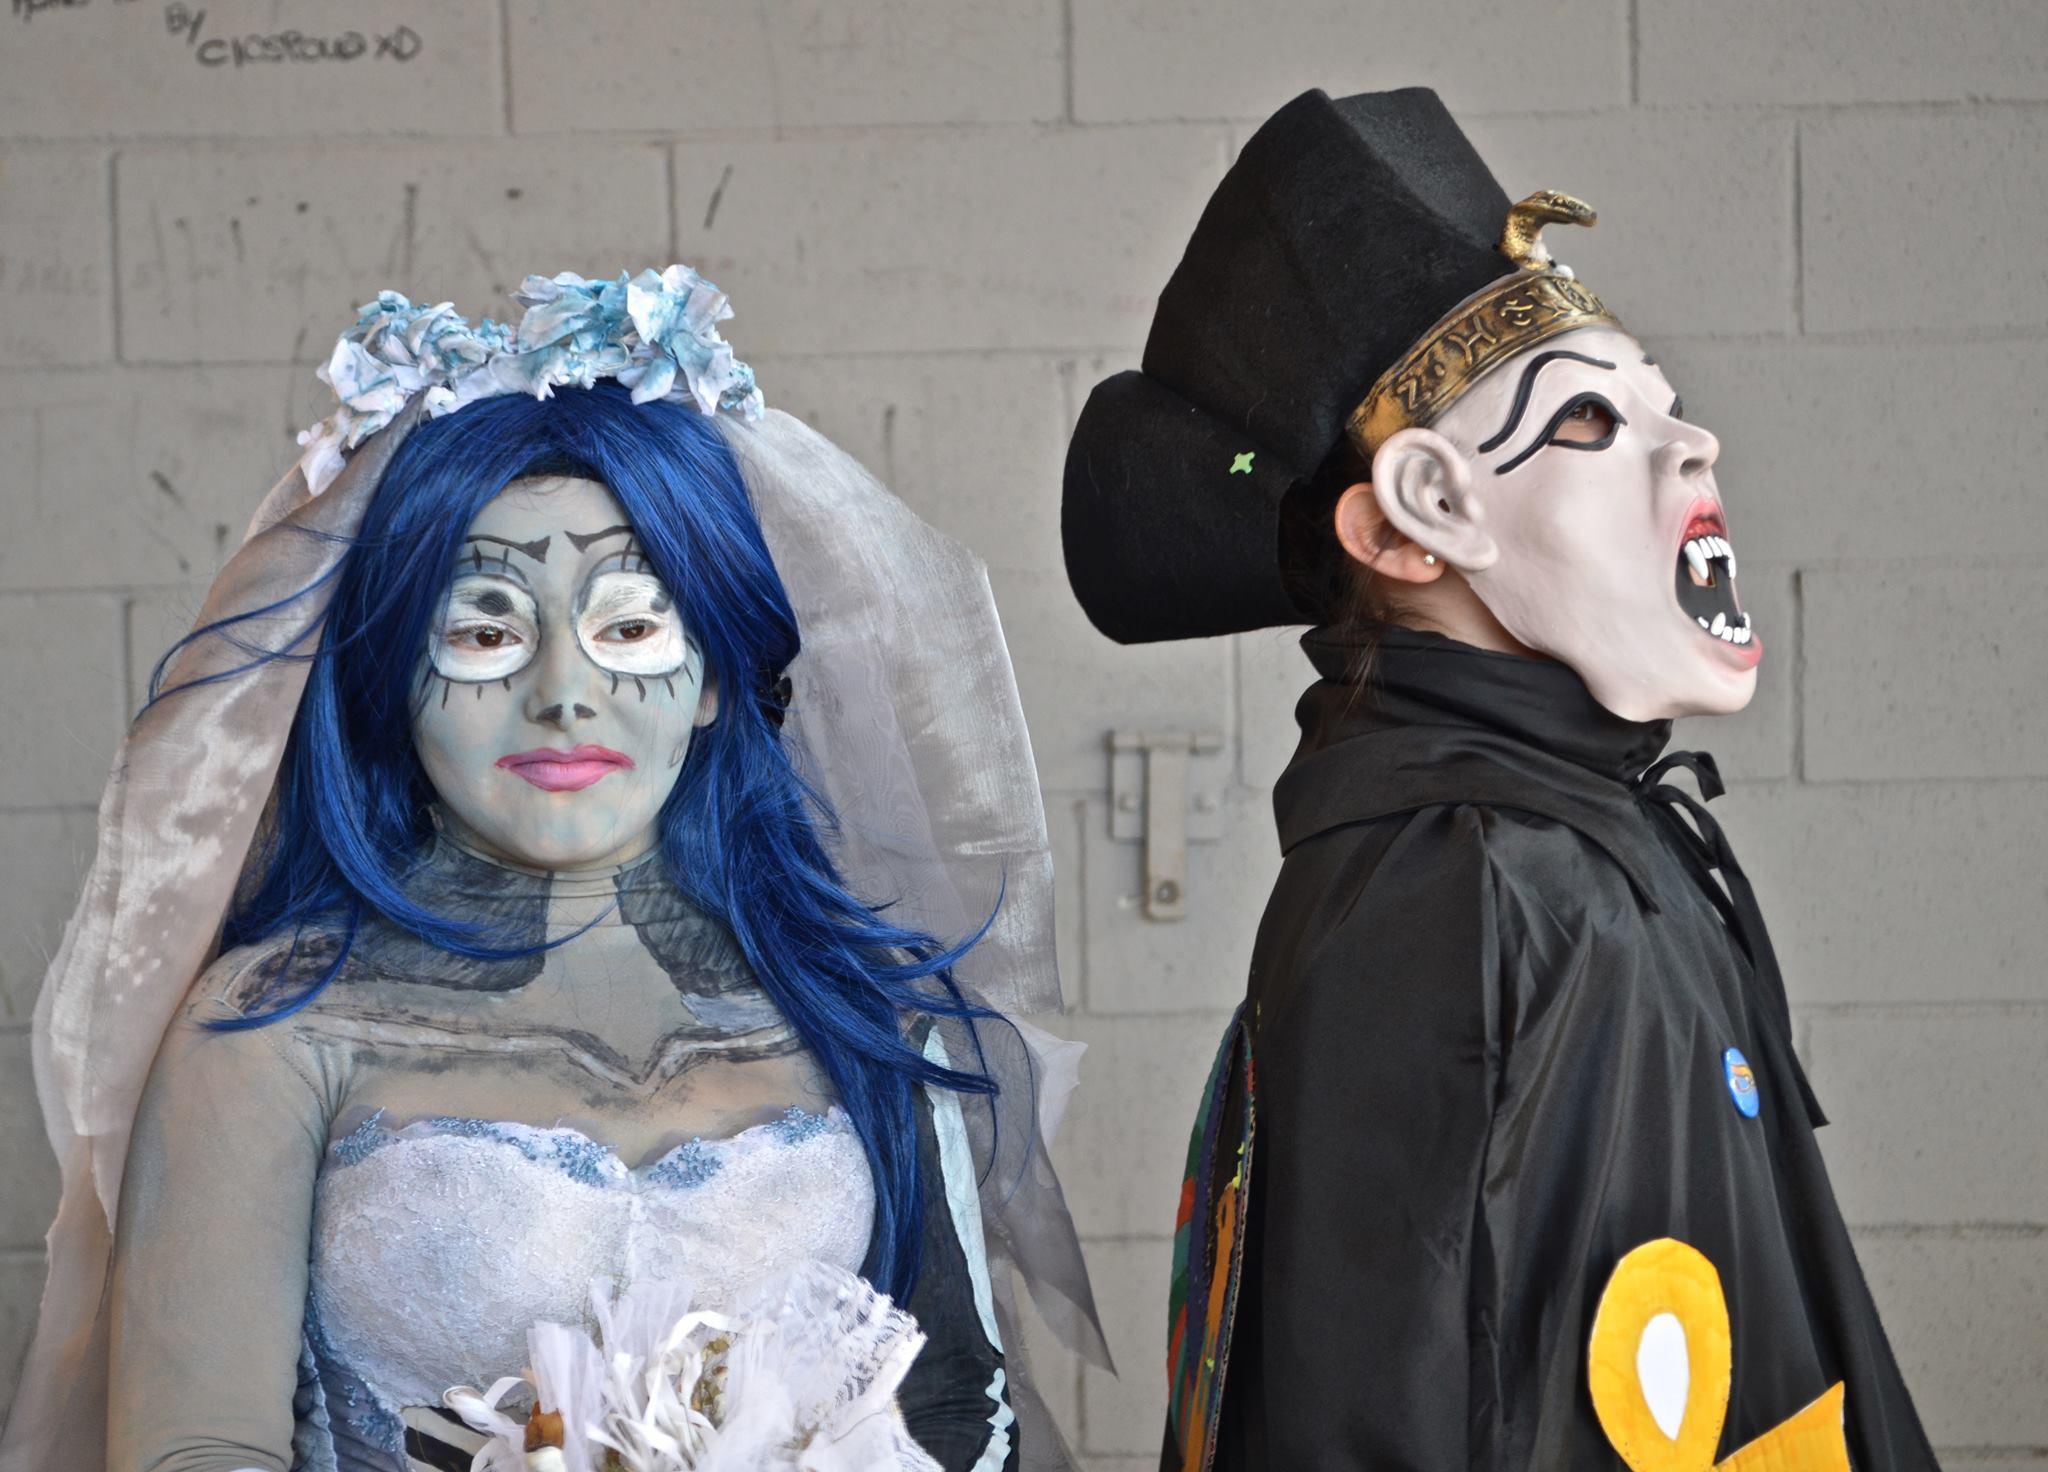 Il Carnevale a S.Antonino di sabato 22: appuntamento con la sfilata e la serata danzante